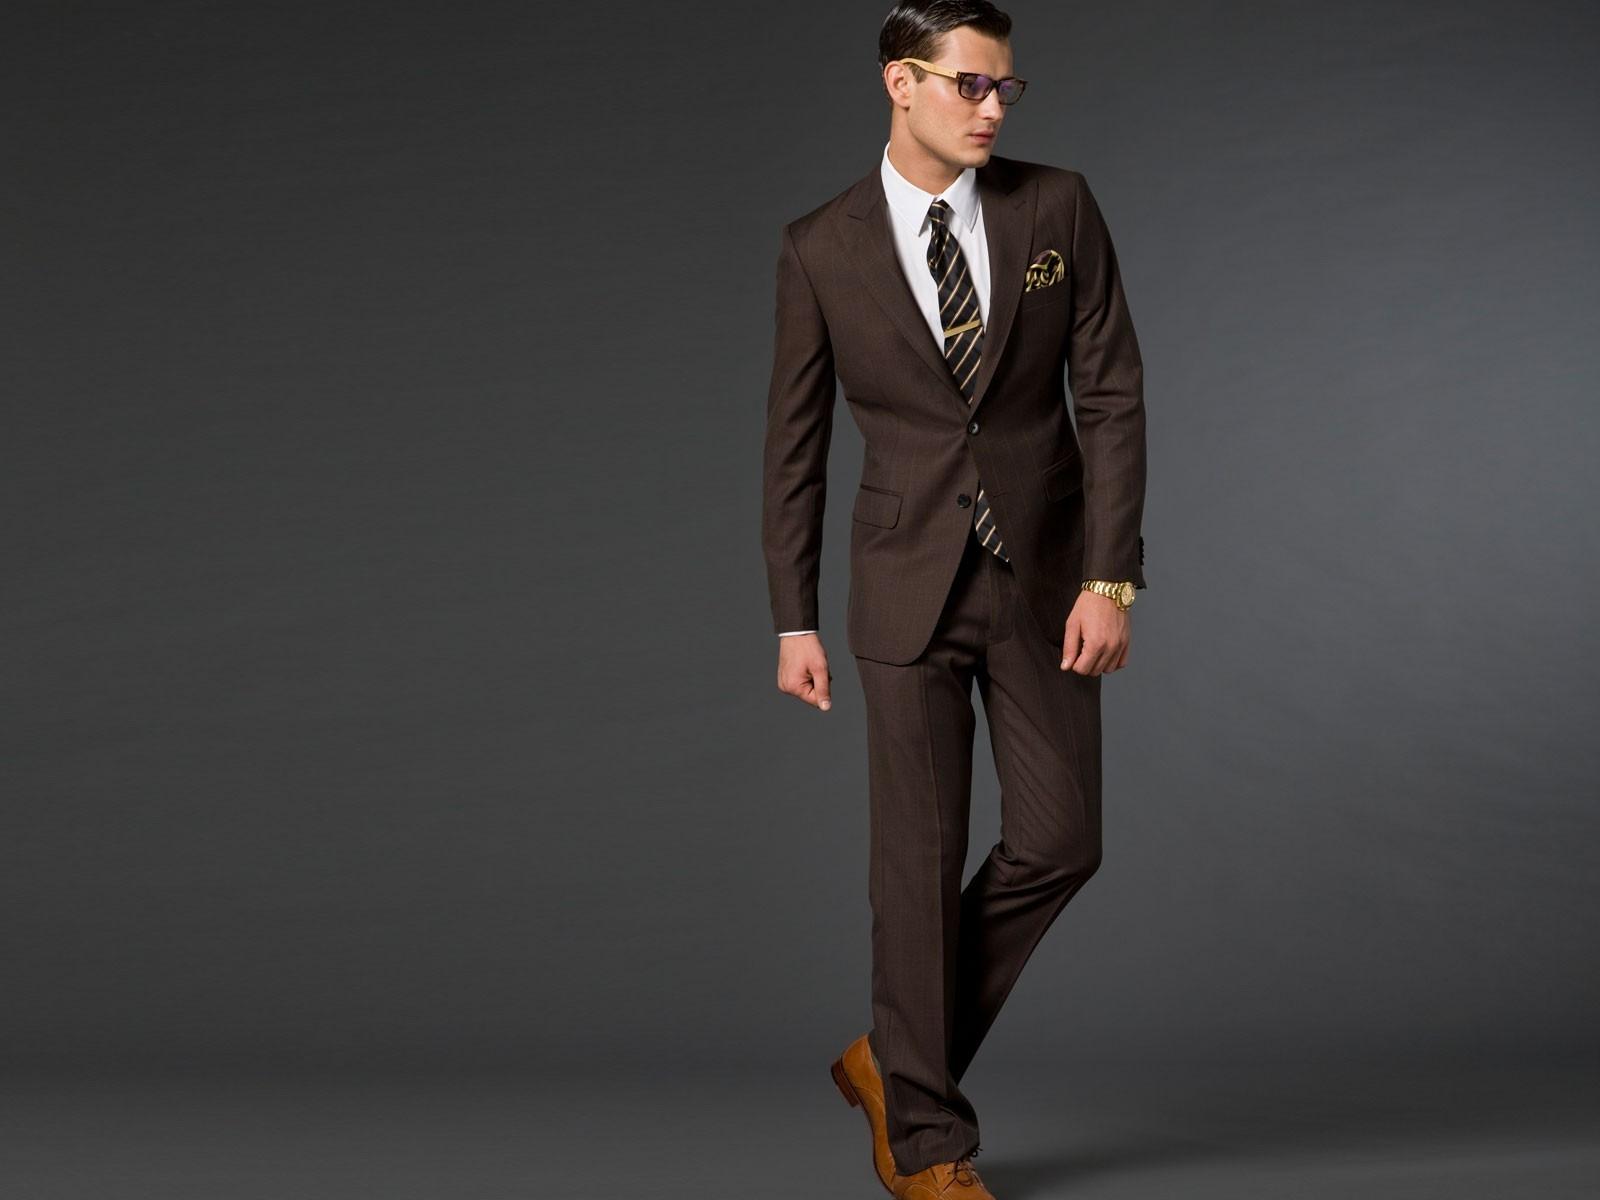 Brown suit color combination